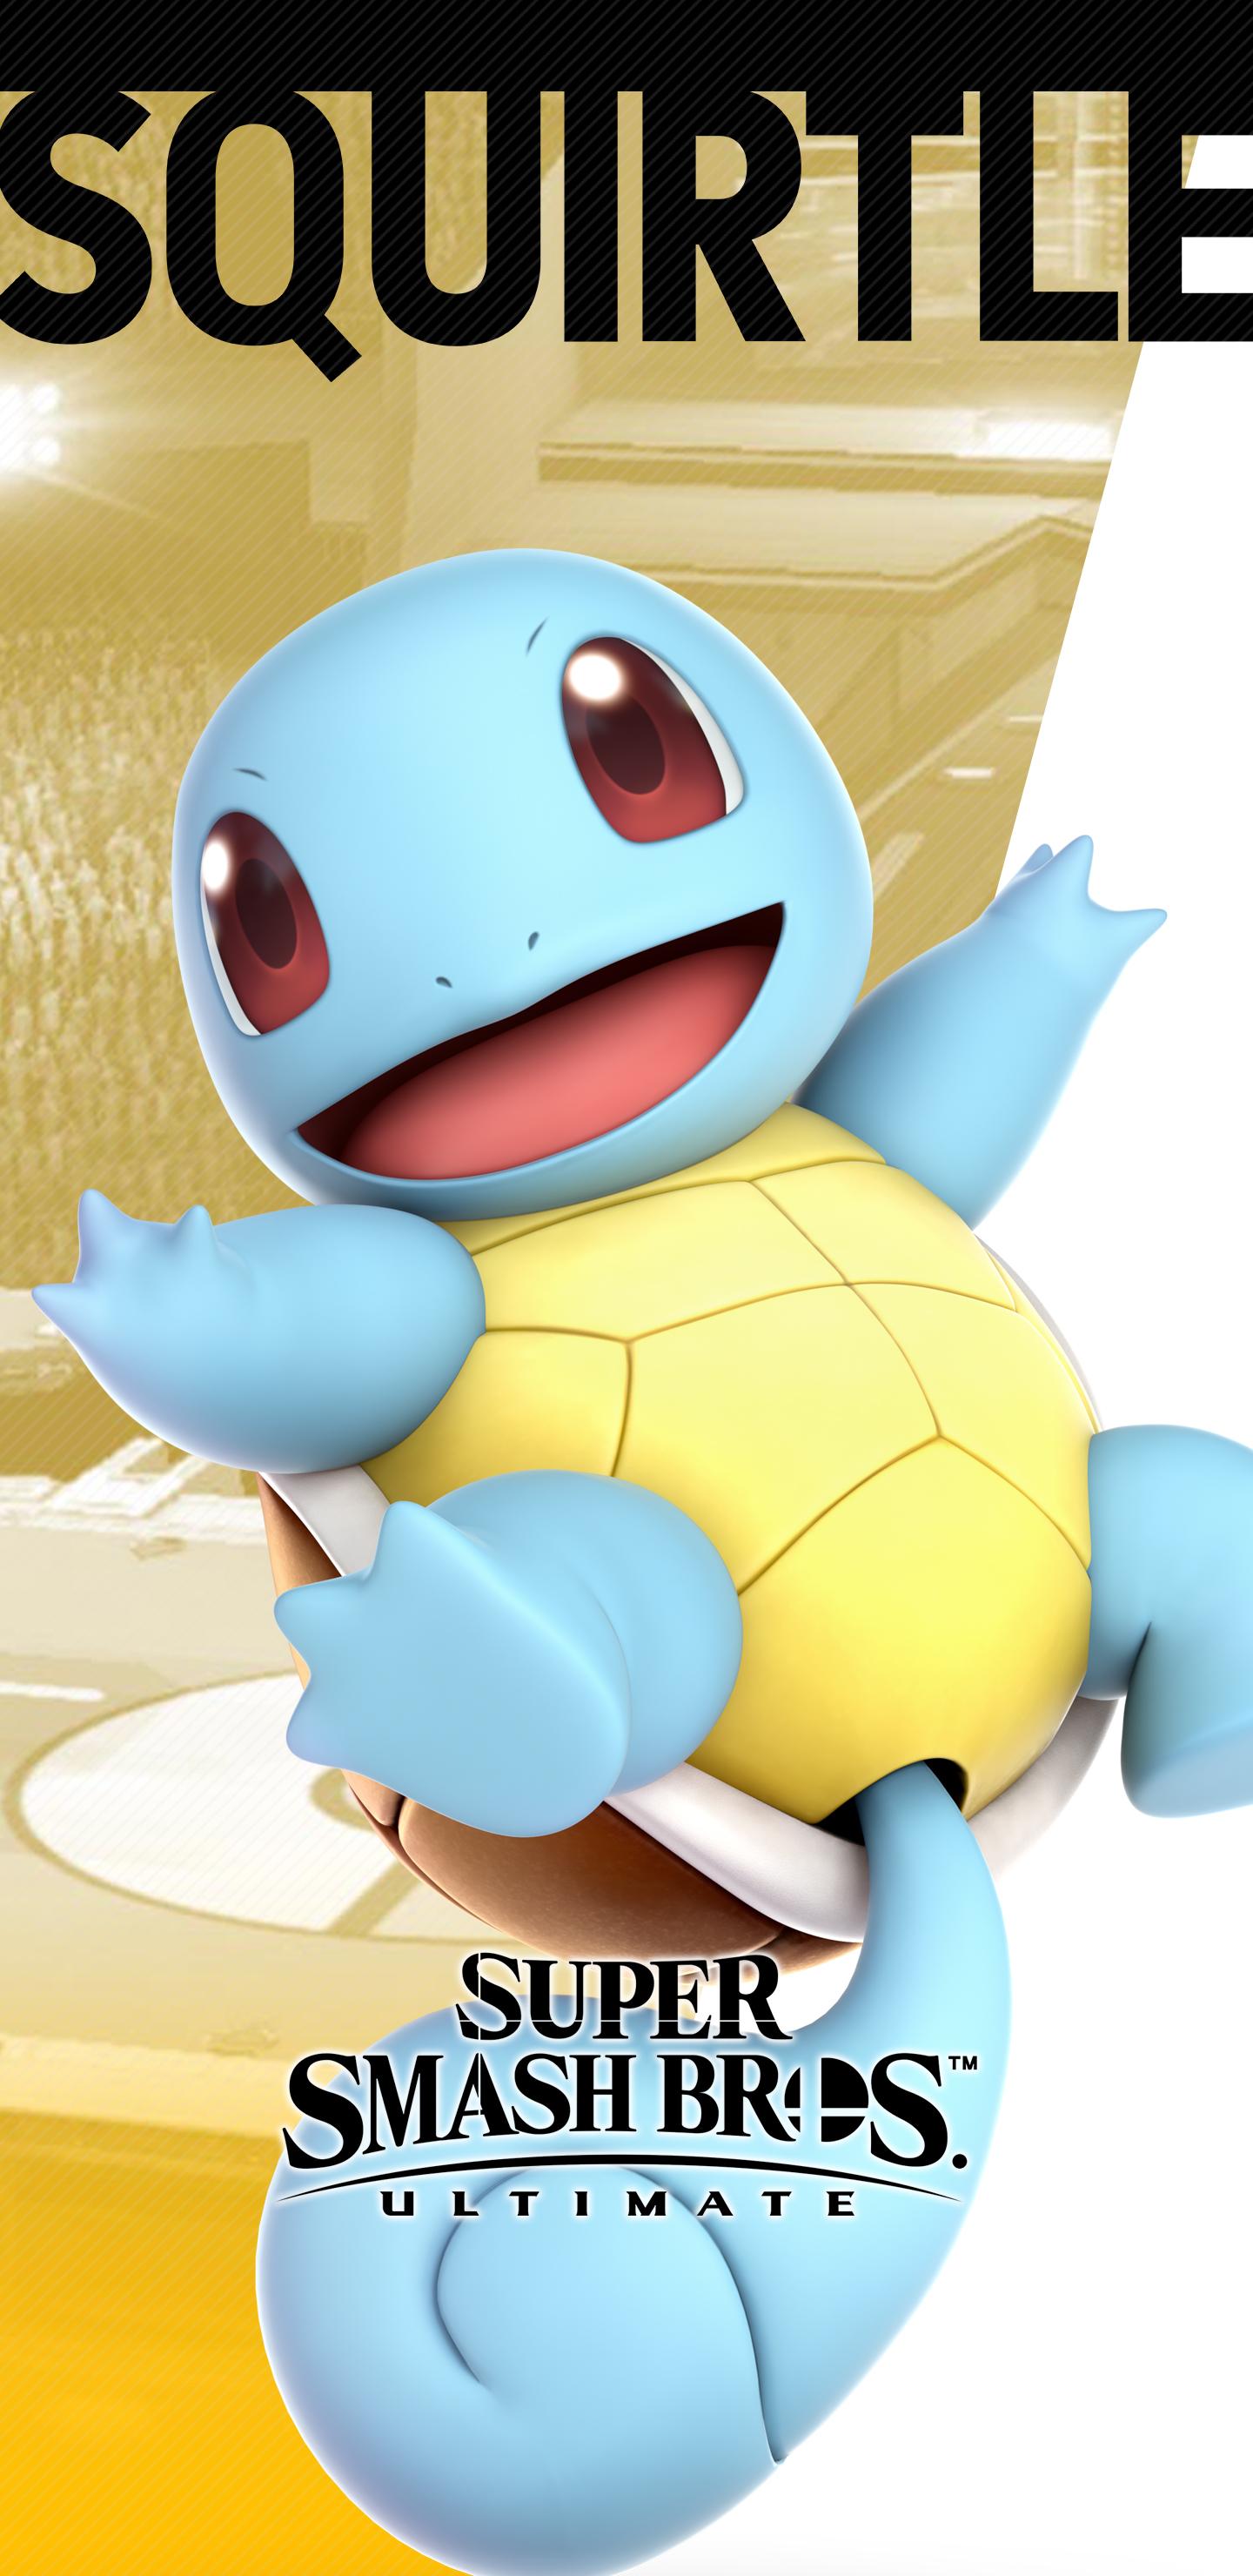 Super Smash Bros Ultimate Pokemon Trainer 2329662 Hd